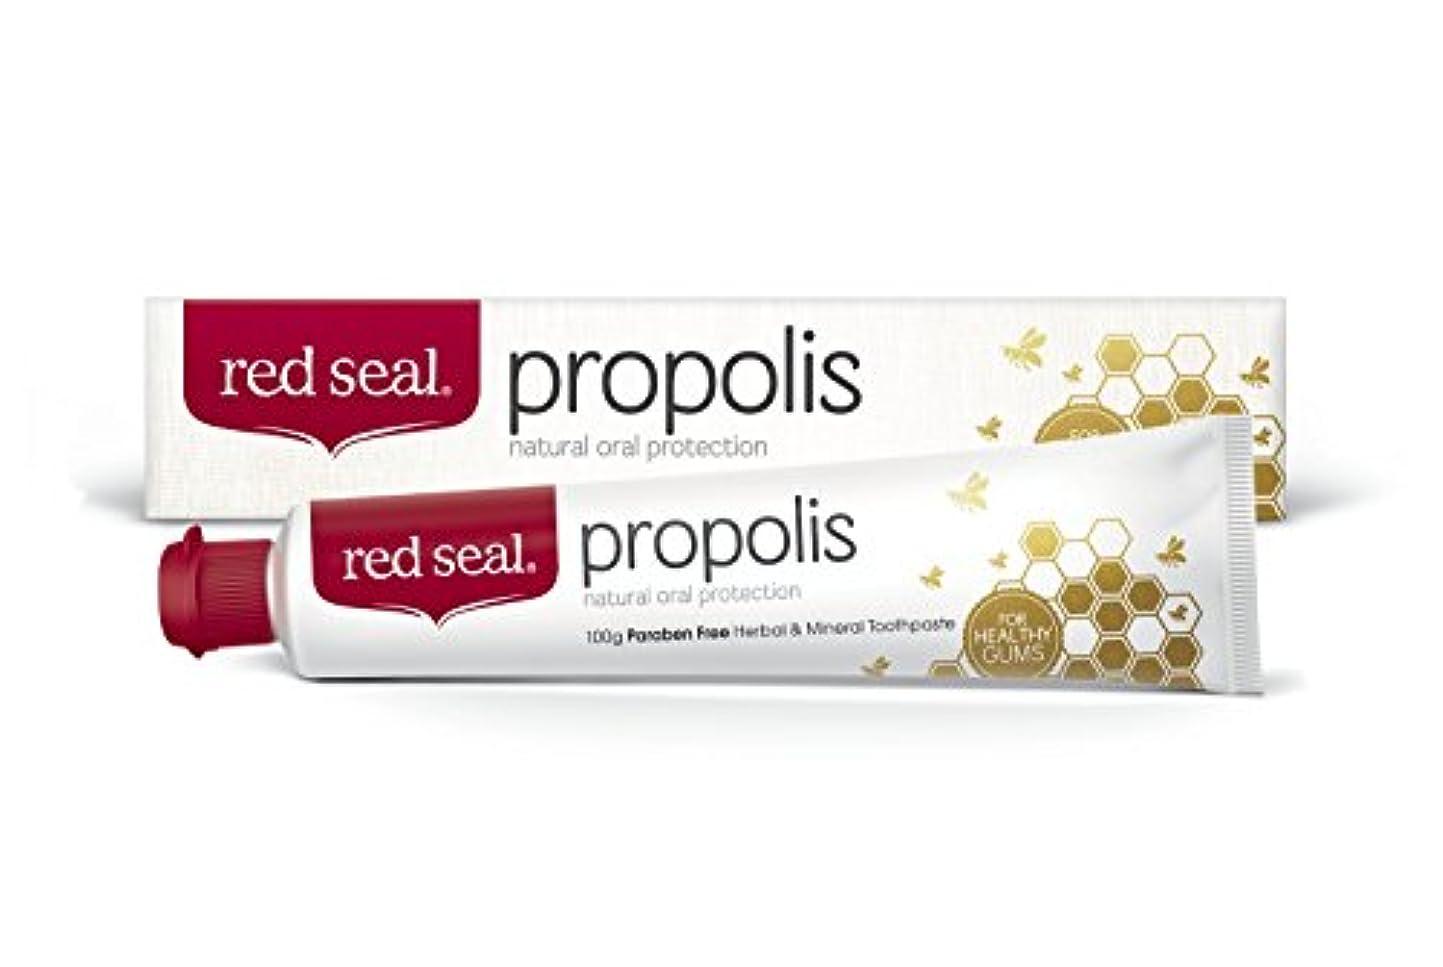 スポンジ船外倍増red seal propolois 歯磨き粉 100g